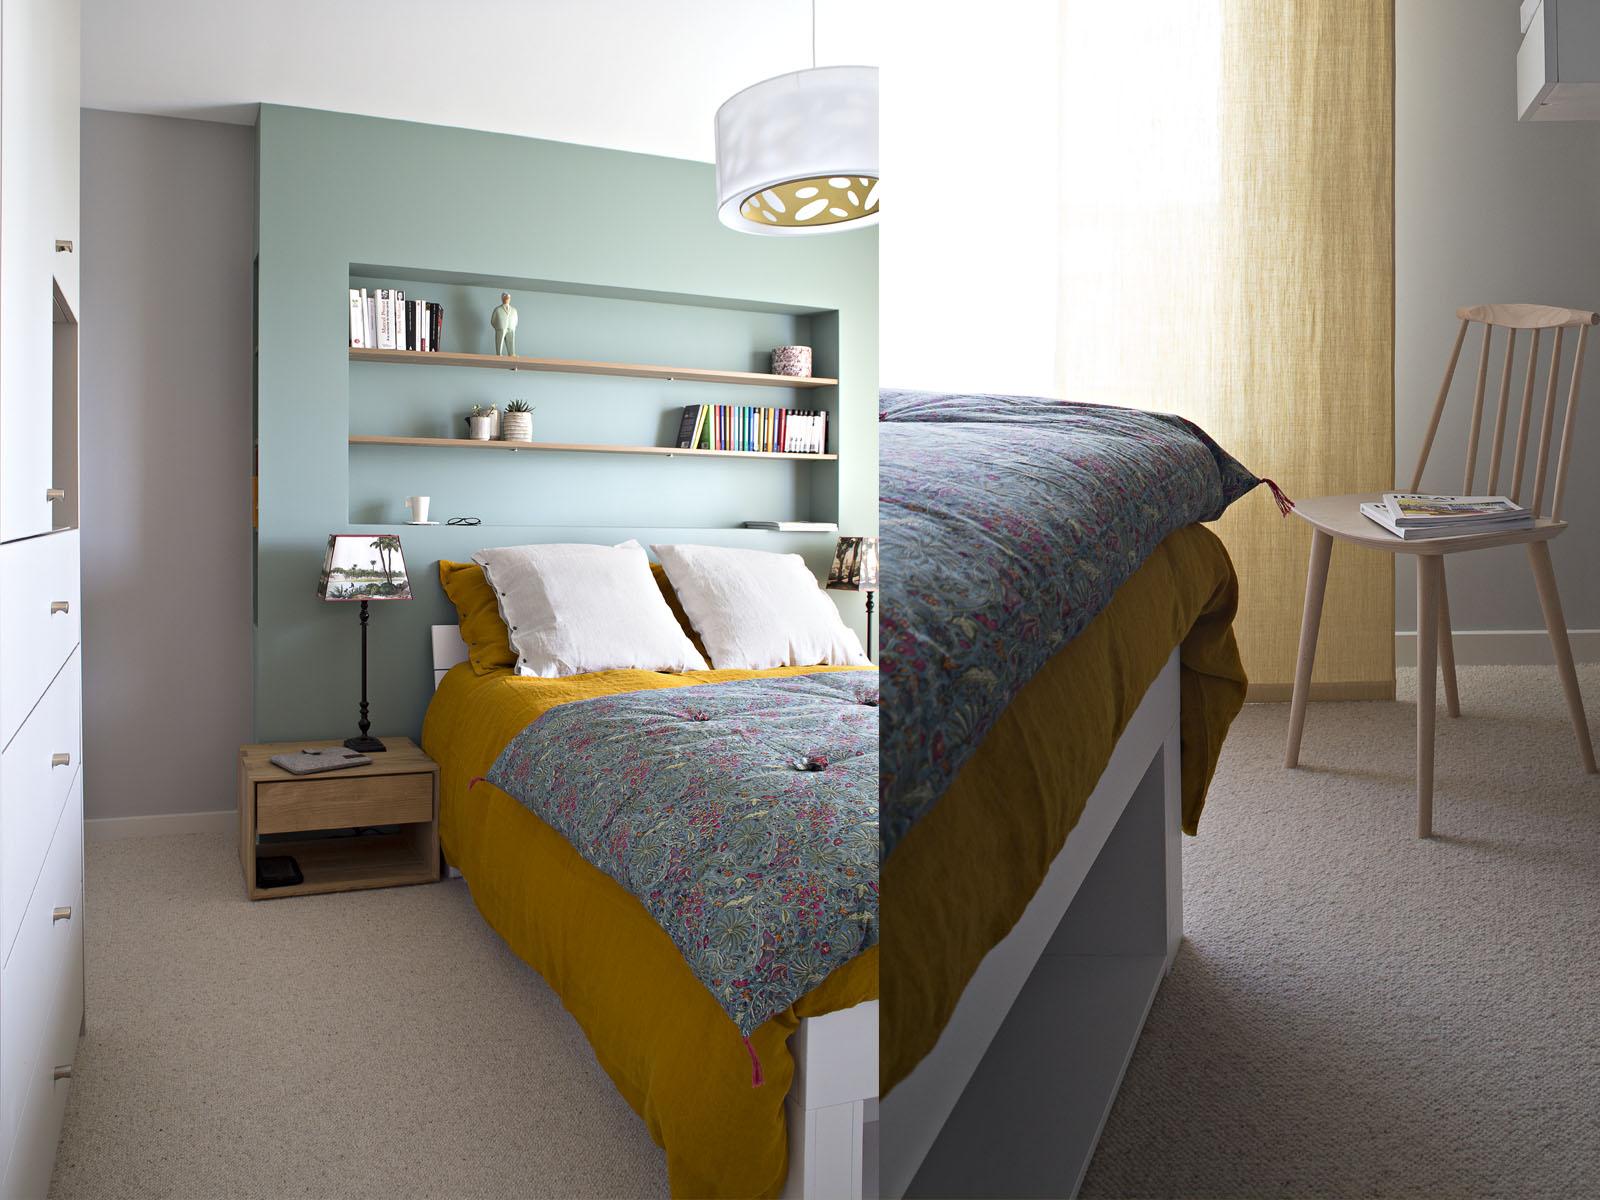 suite parentale douce et vitamin e rennes gw naelle hoyet d coratrice d 39 int rieur et photographe. Black Bedroom Furniture Sets. Home Design Ideas